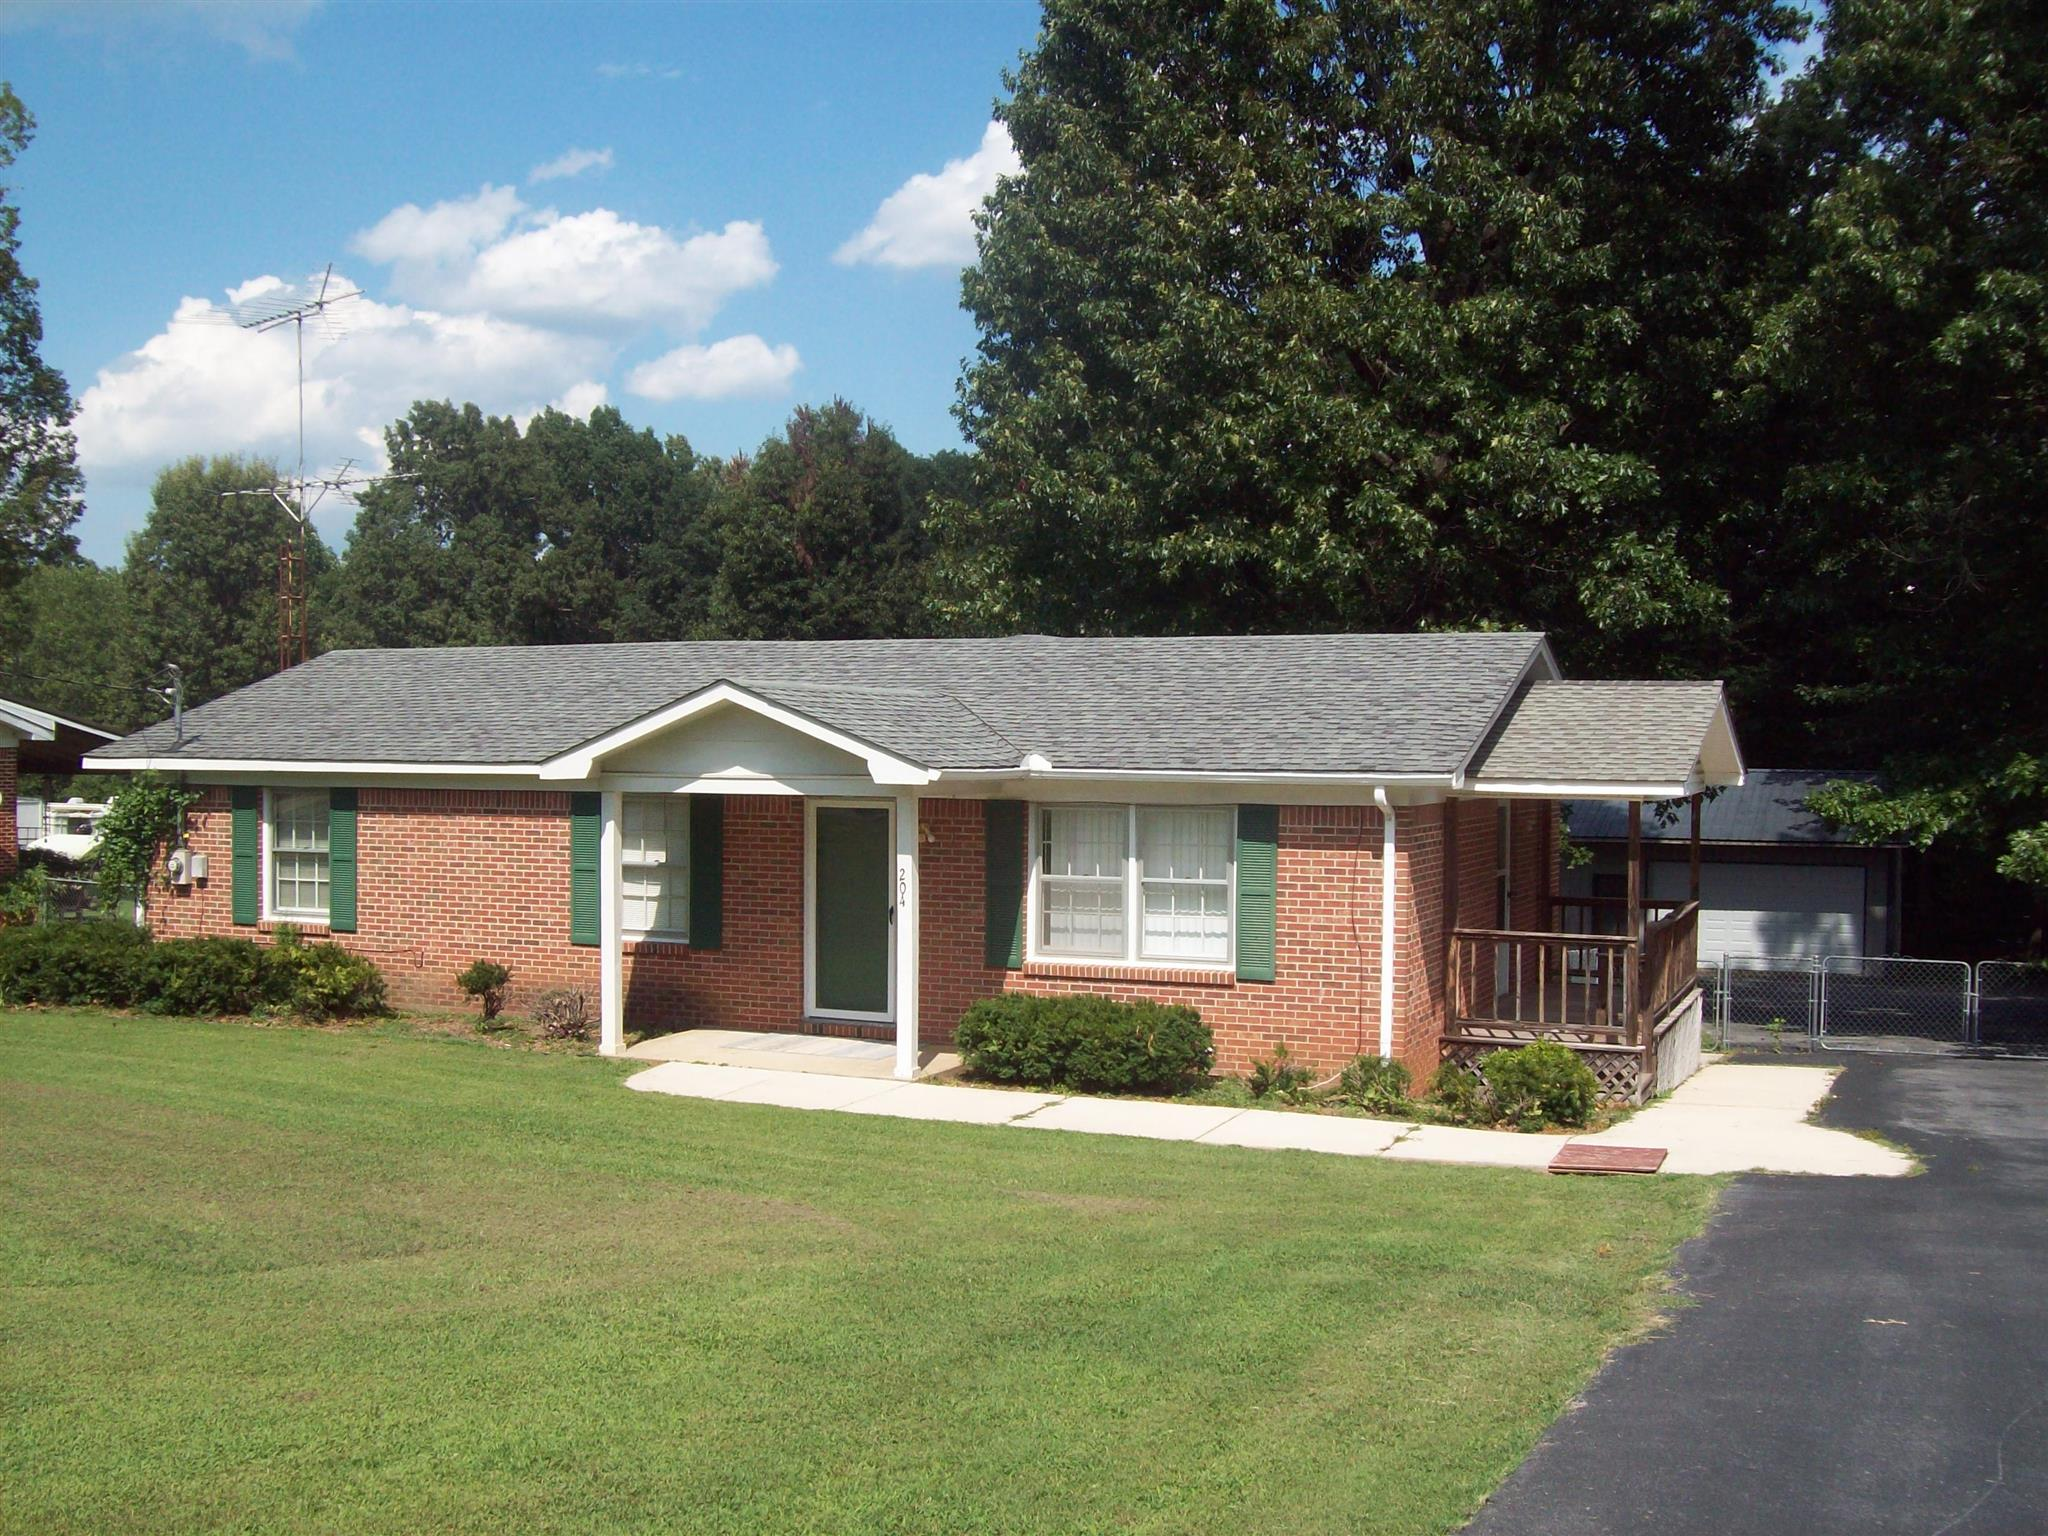 204 Poplar Ave, Huntland, TN 37345